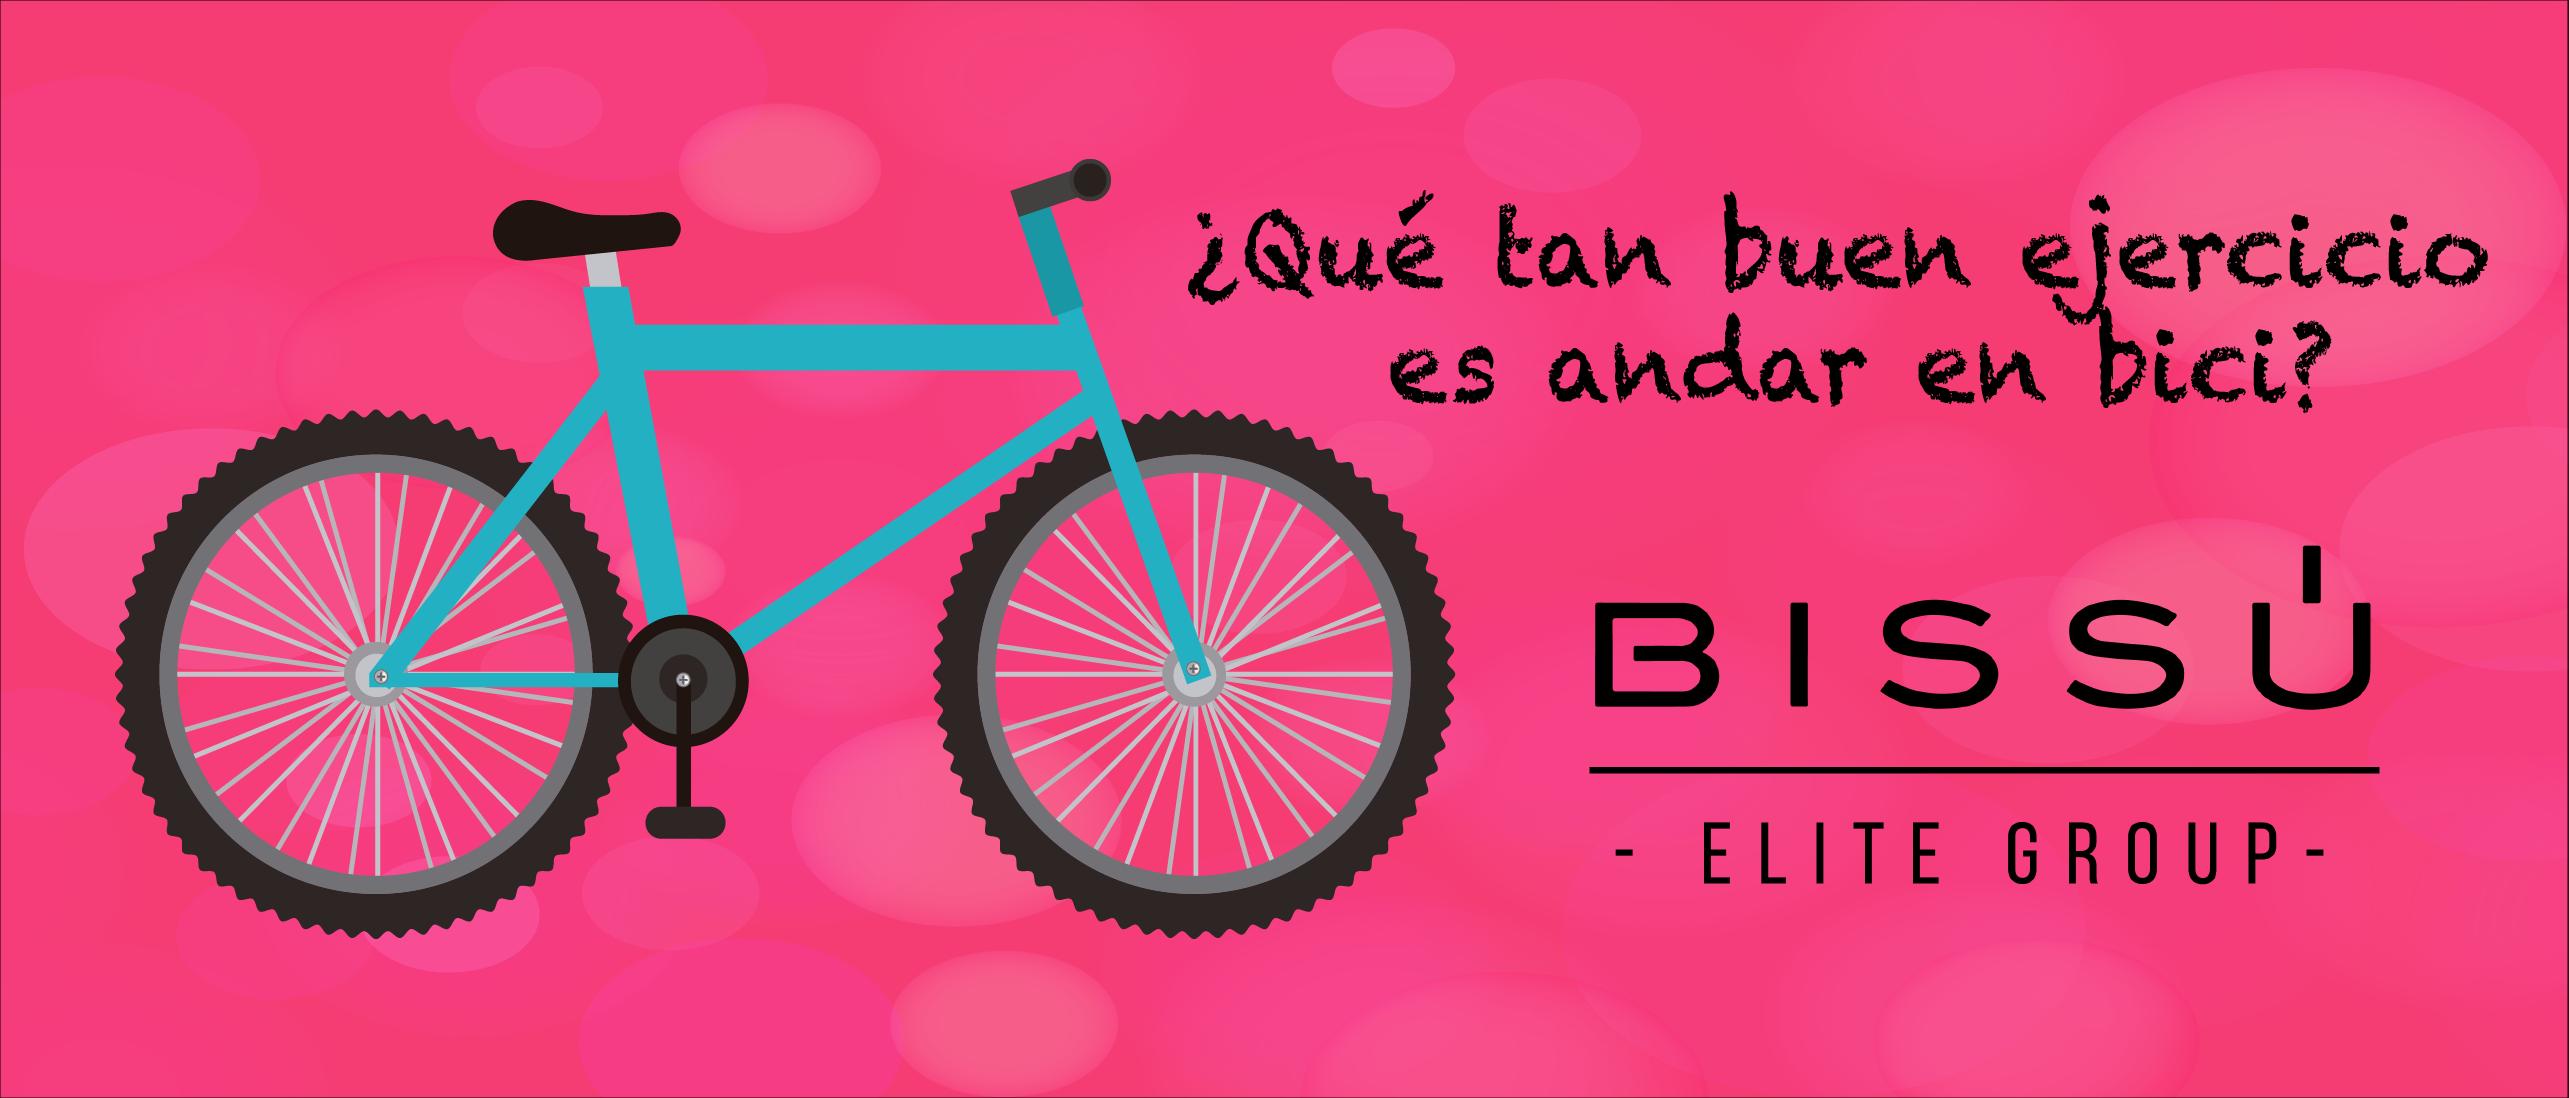 ¿Qué tan buen ejercicio es andar en bici?